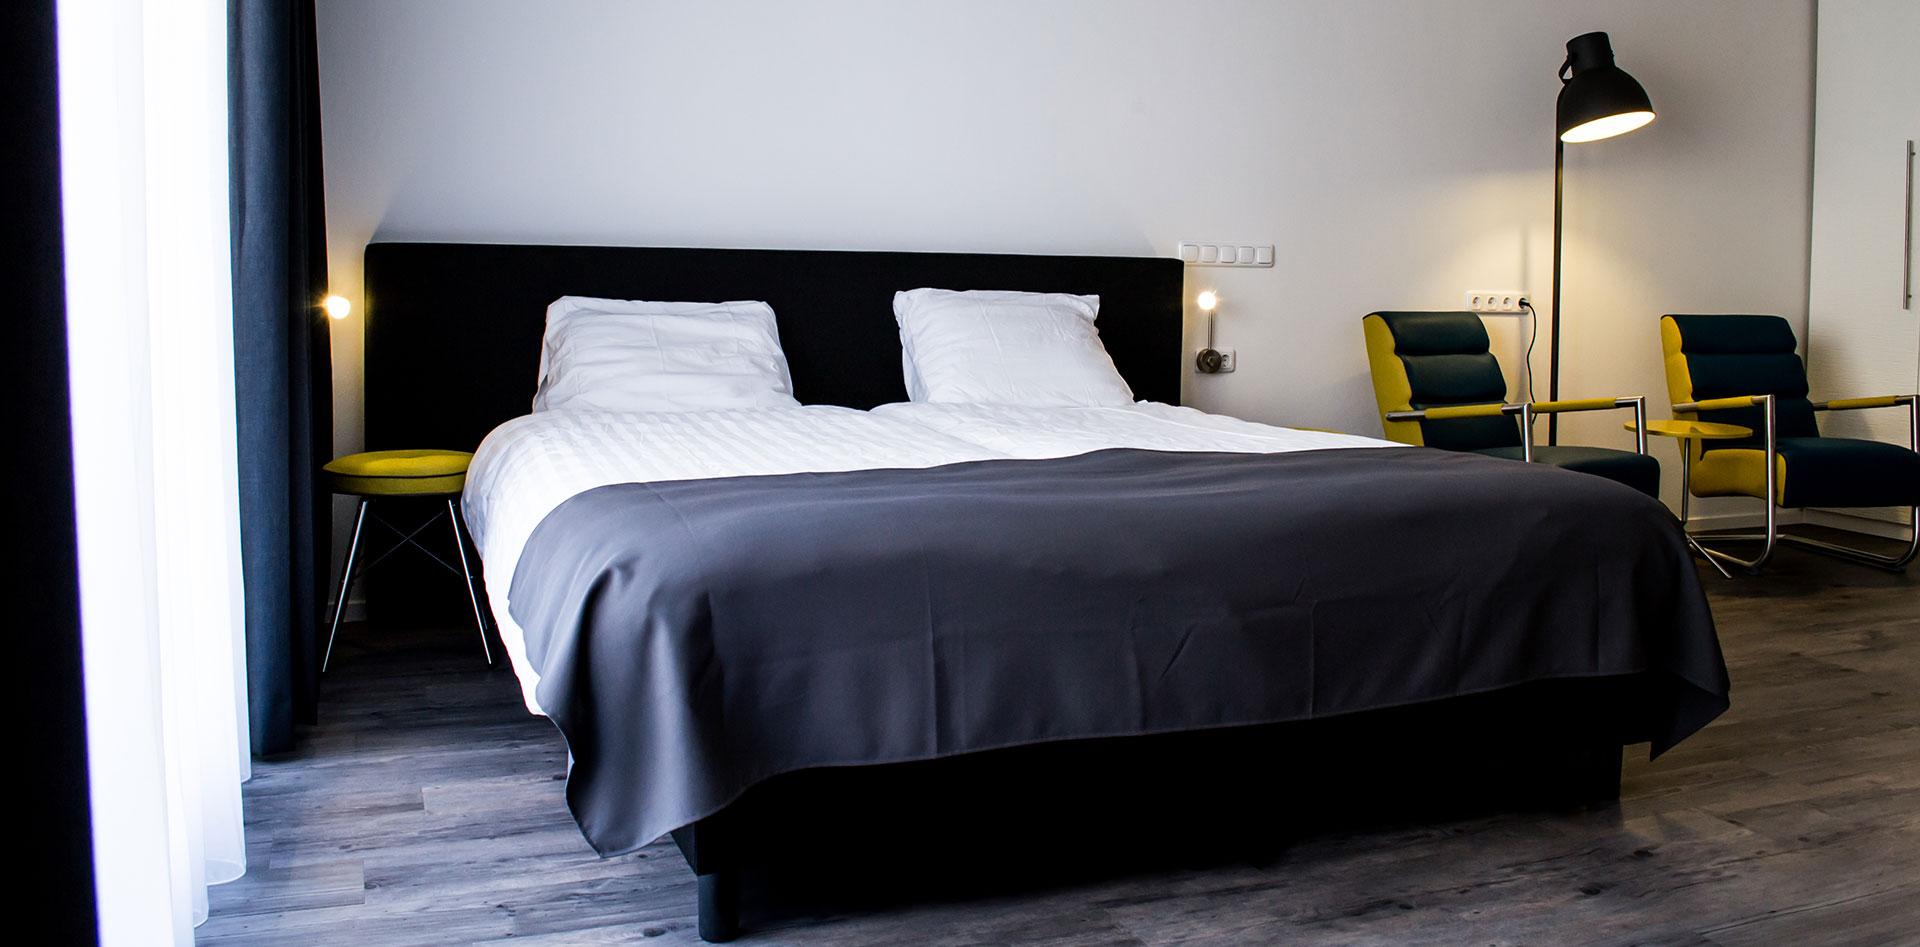 bed-berkenhof